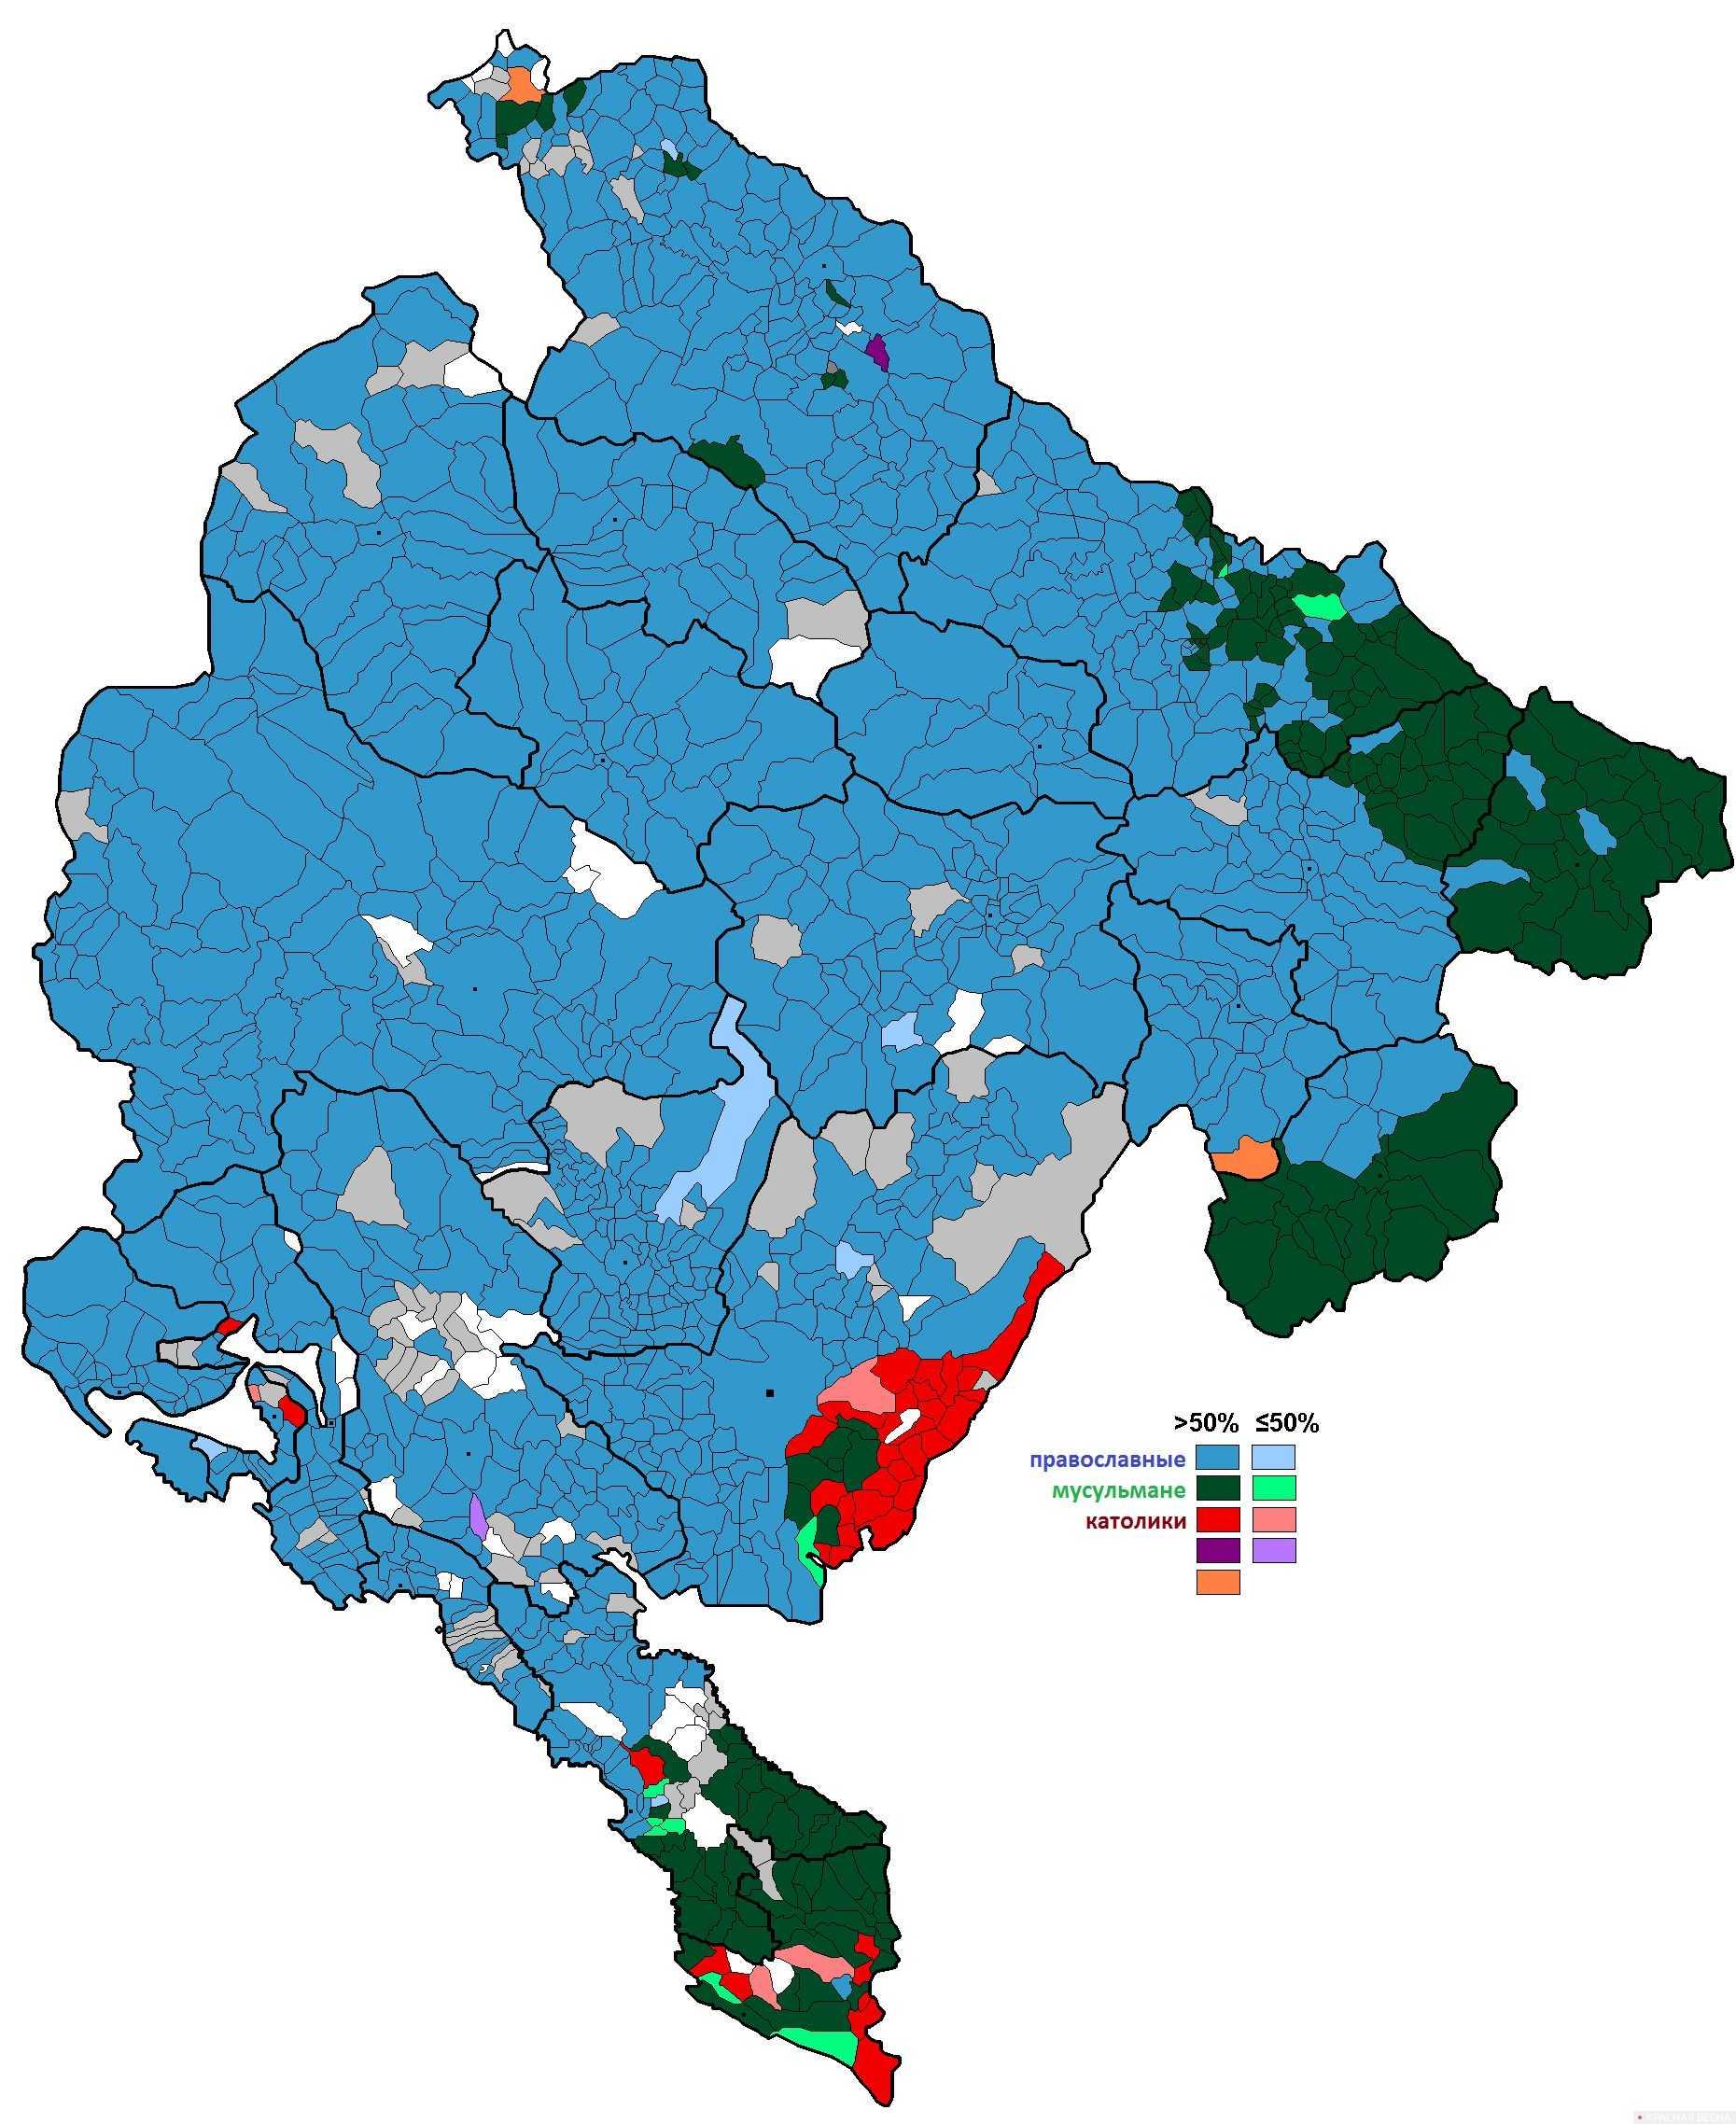 Черногория. Религиозный состав. 2011